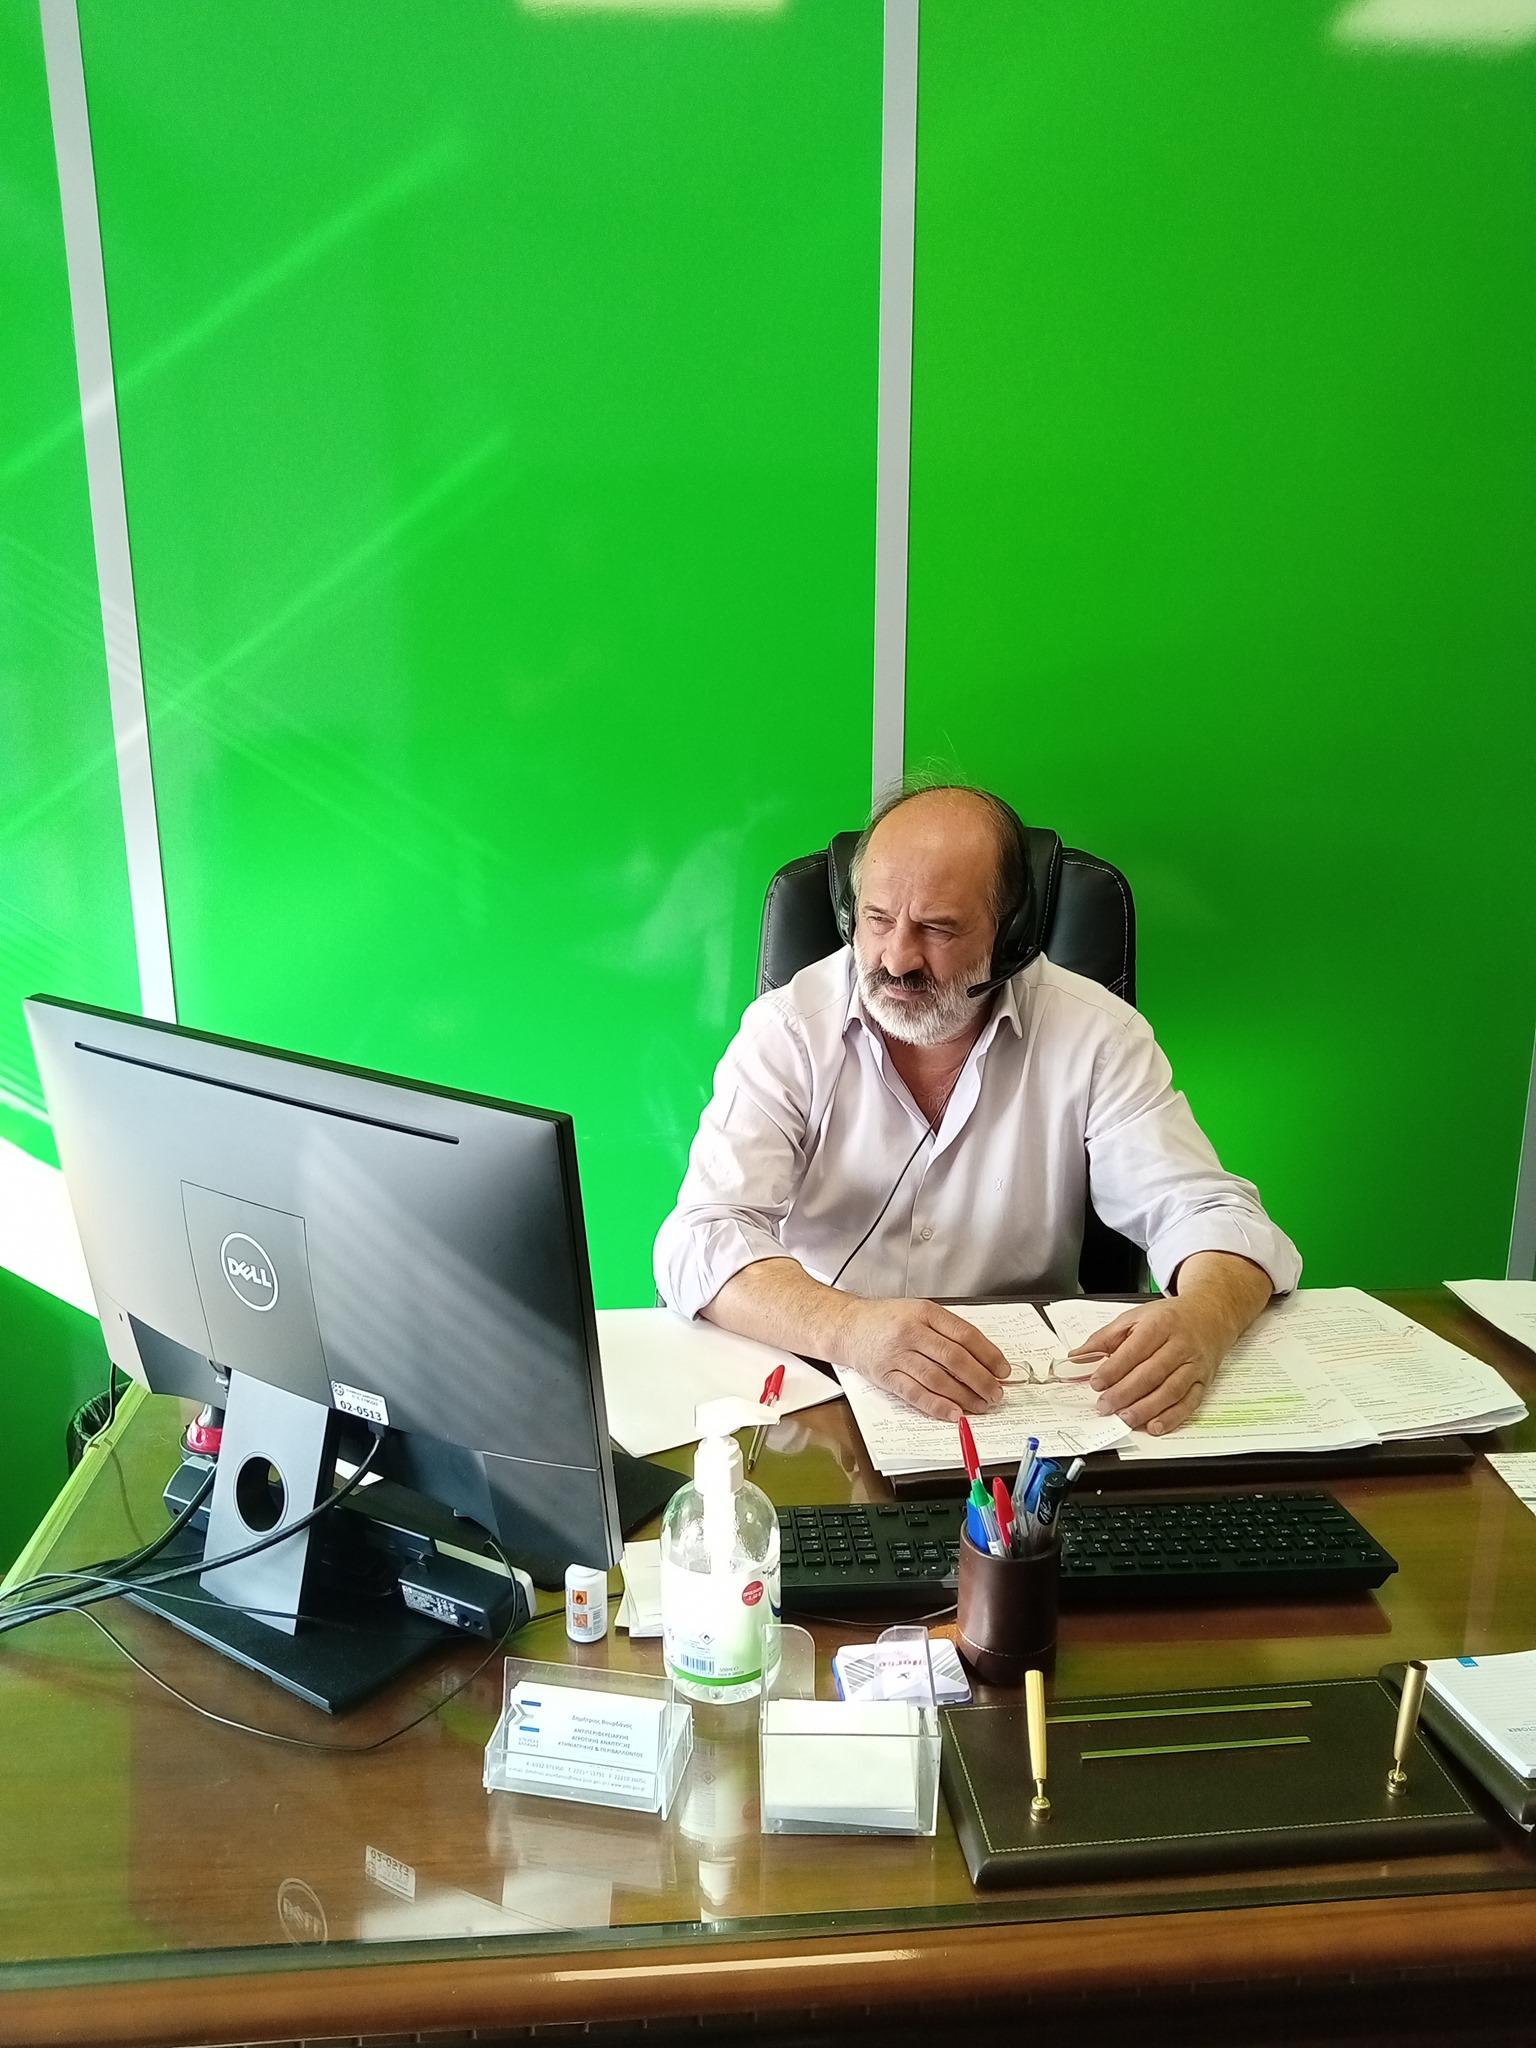 Στην τηλεδιάσκεψη με τον Μάκη Βορίδη ο Βουρδάνος-Τι συζήτησαν